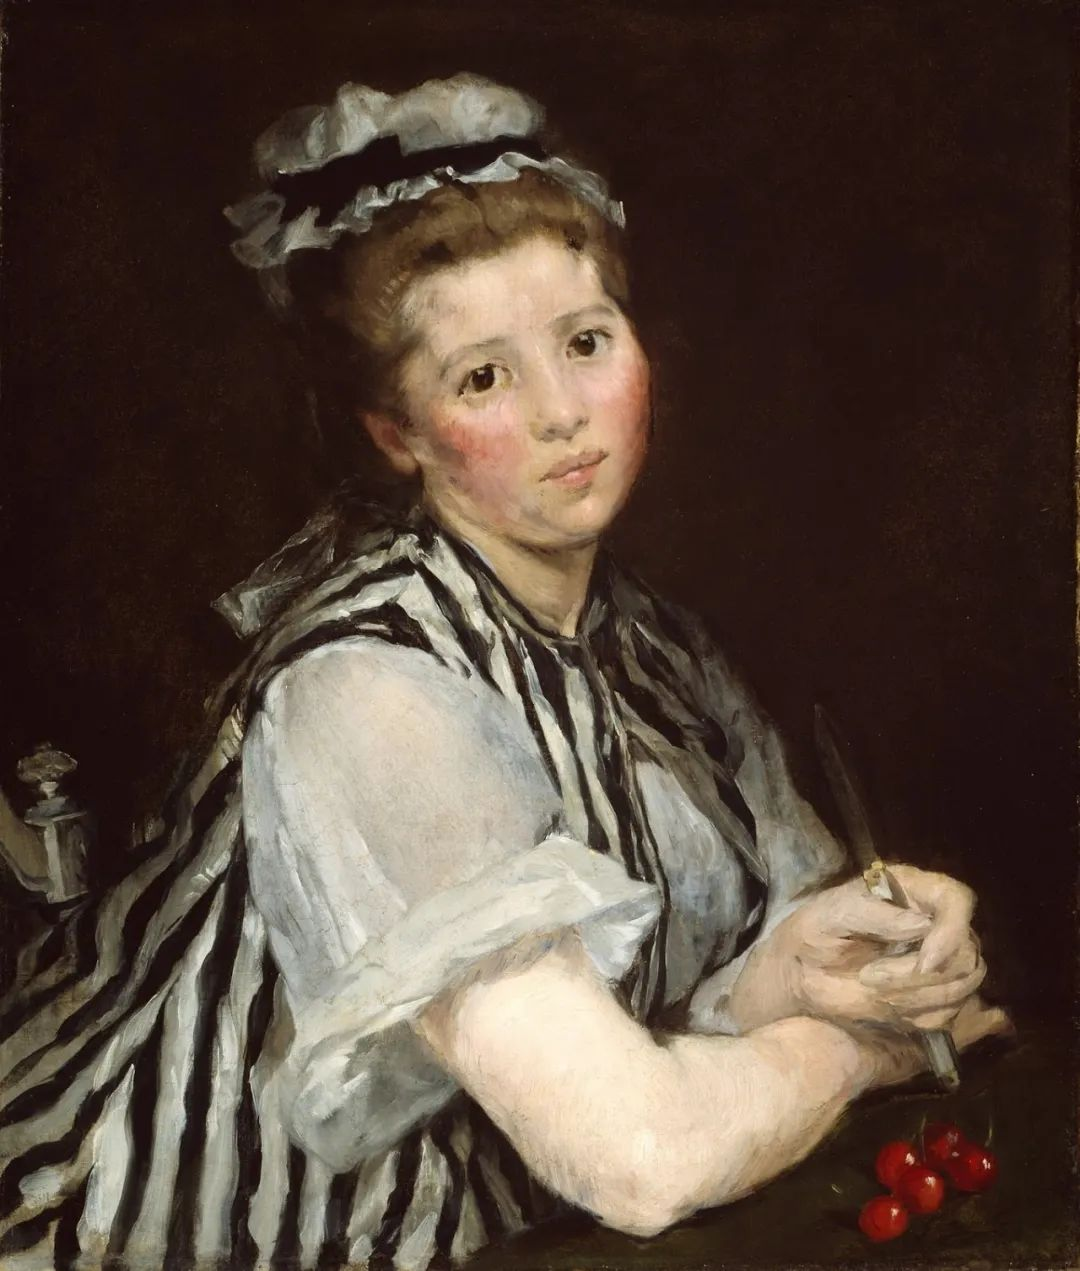 伊娃·冈萨雷斯,19世纪法国印象派女画家插图39